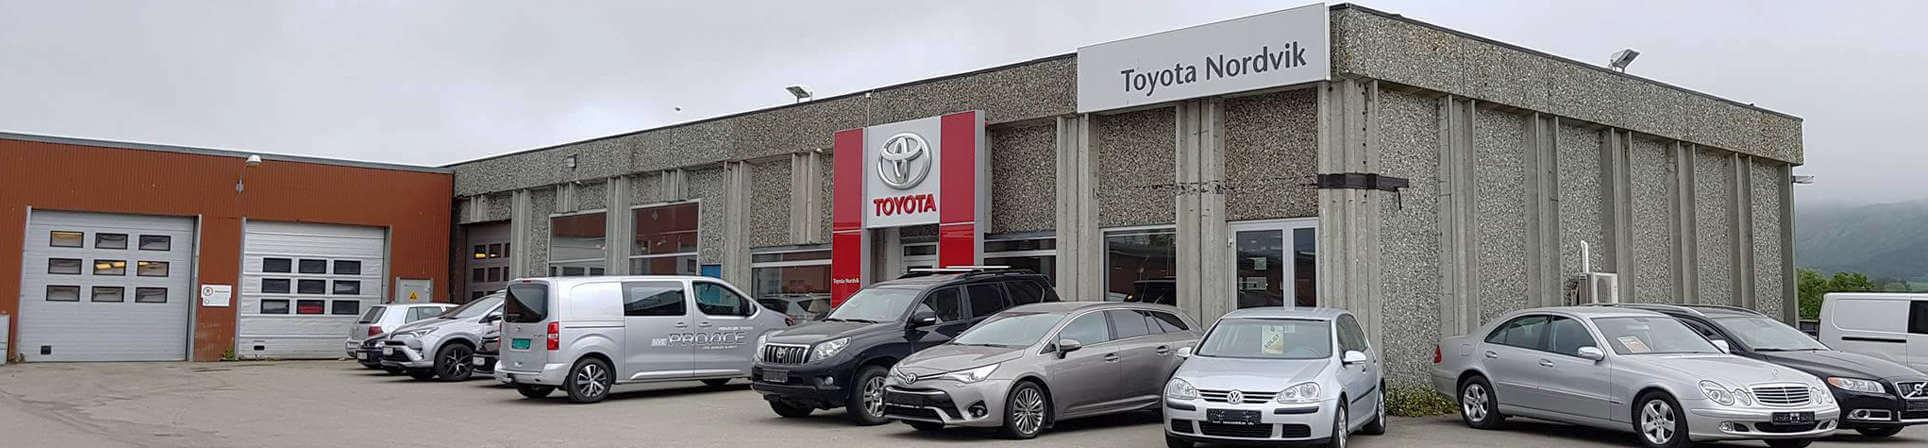 Fasade til Toyota forhandleren Nordvik på Leknes